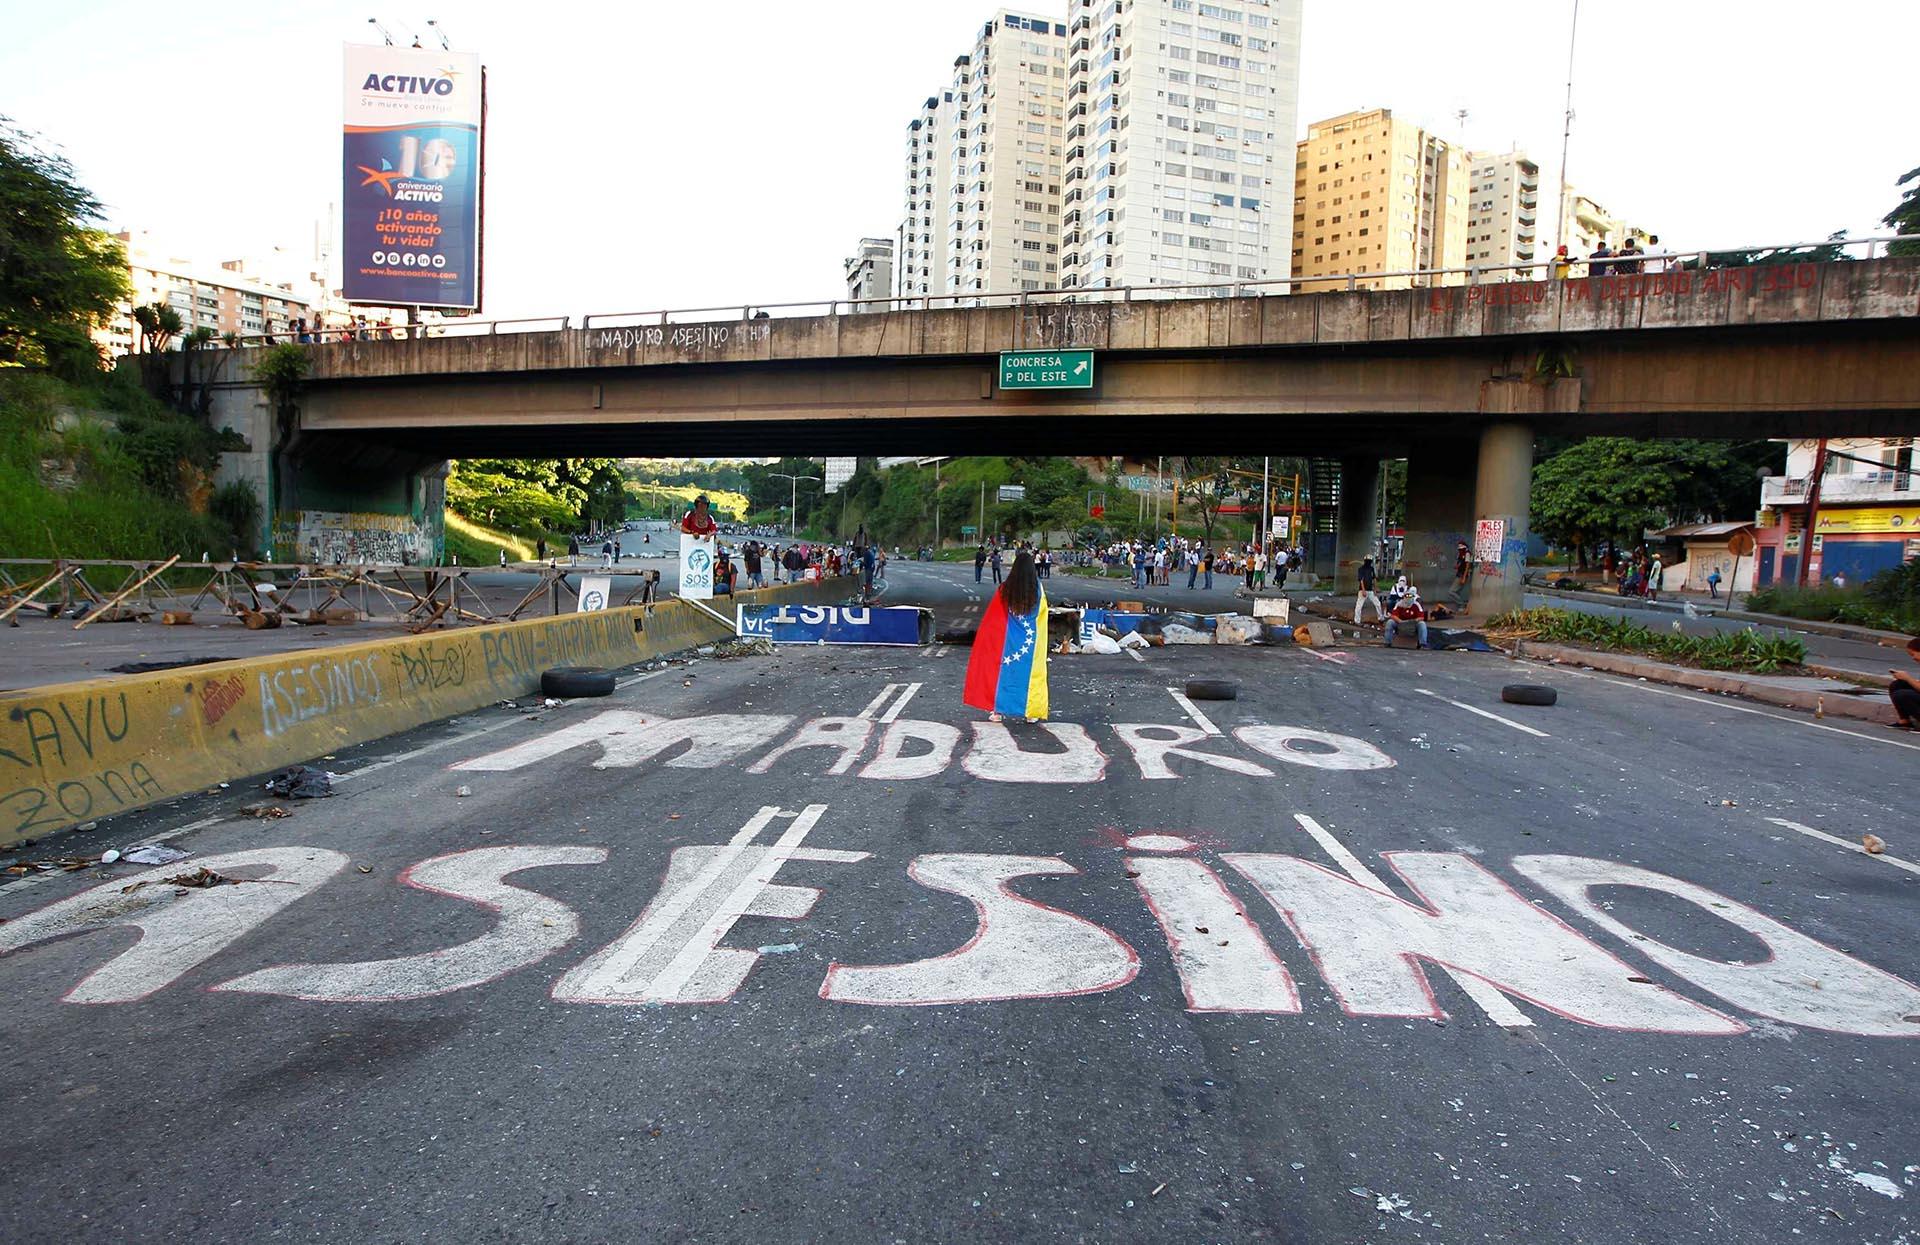 """""""Maduro asesino"""". Una leyenda que se repite en múltiples ciudades alrededor de la nación (Reuters)"""